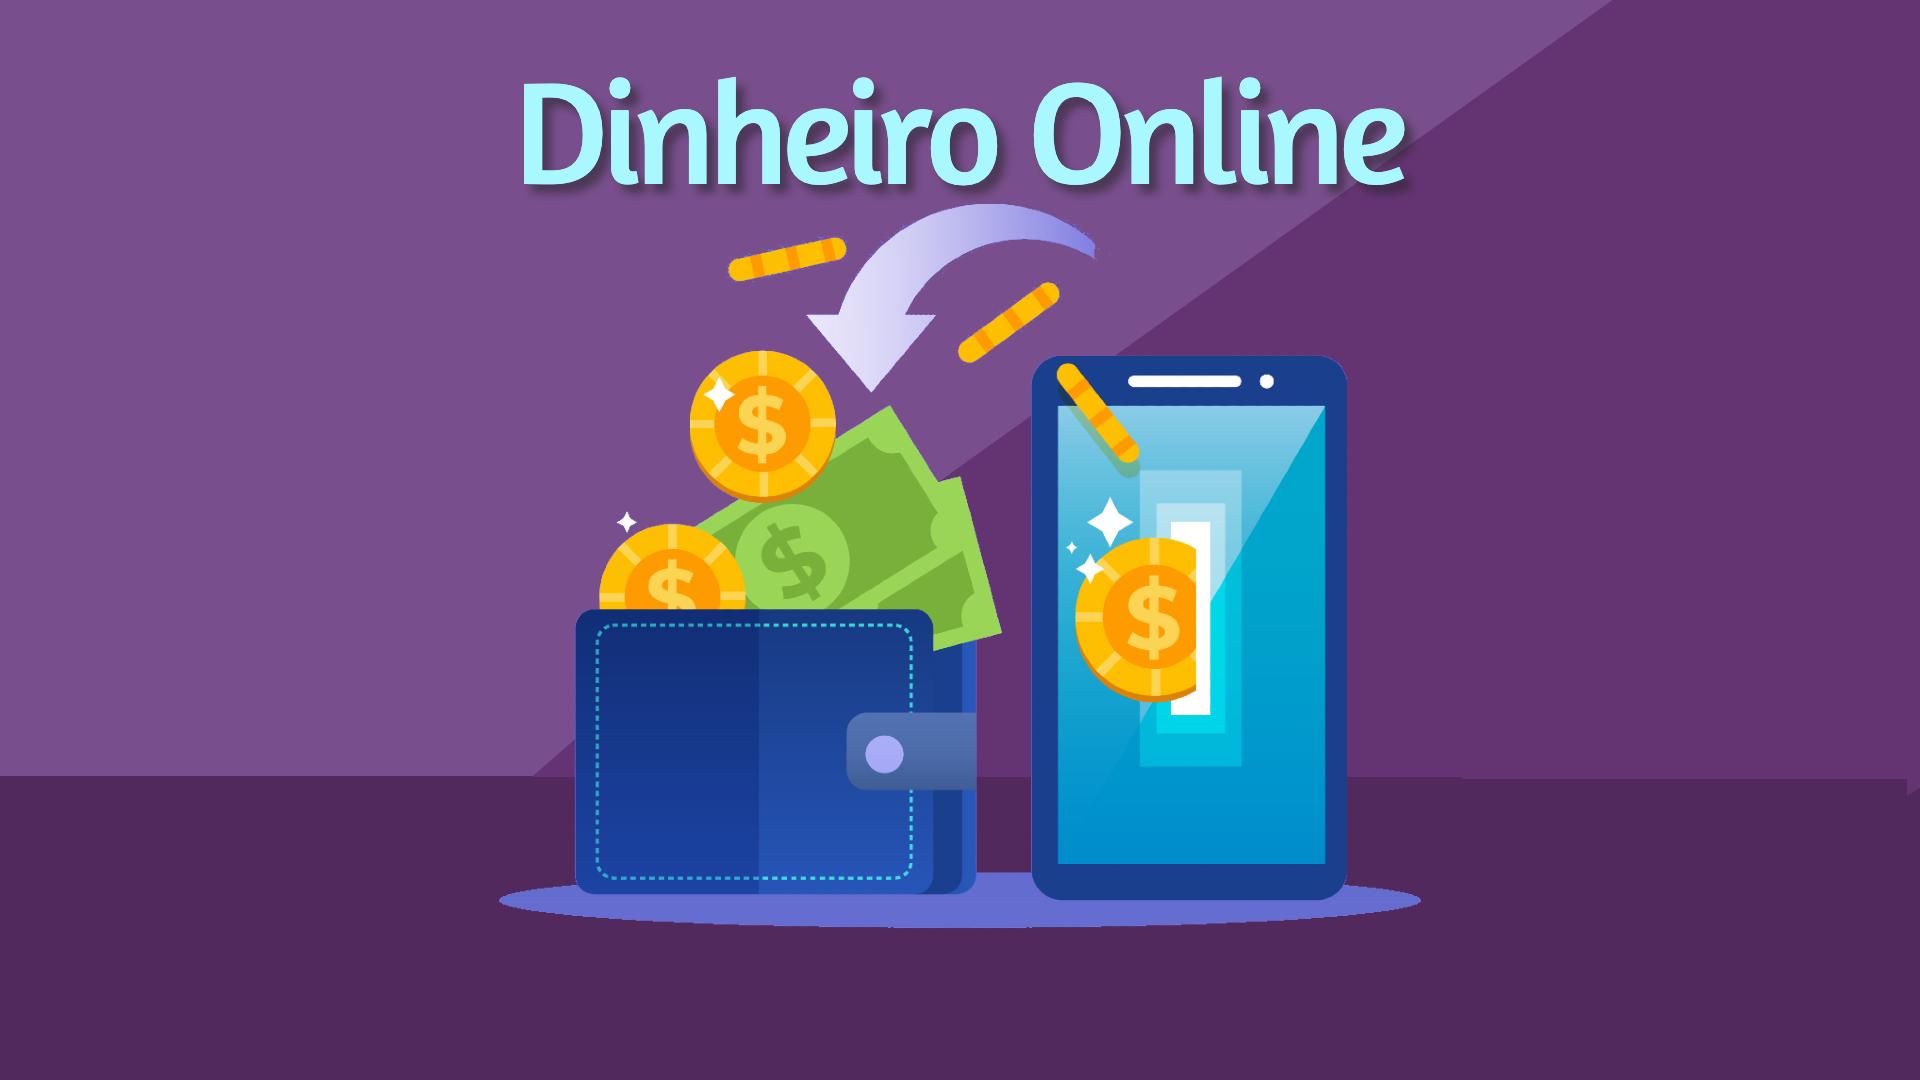 como ganhar dinheiro na internet - Como Ganhar Dinheiro na Internet: 6 Formas Reais e Comprovadas